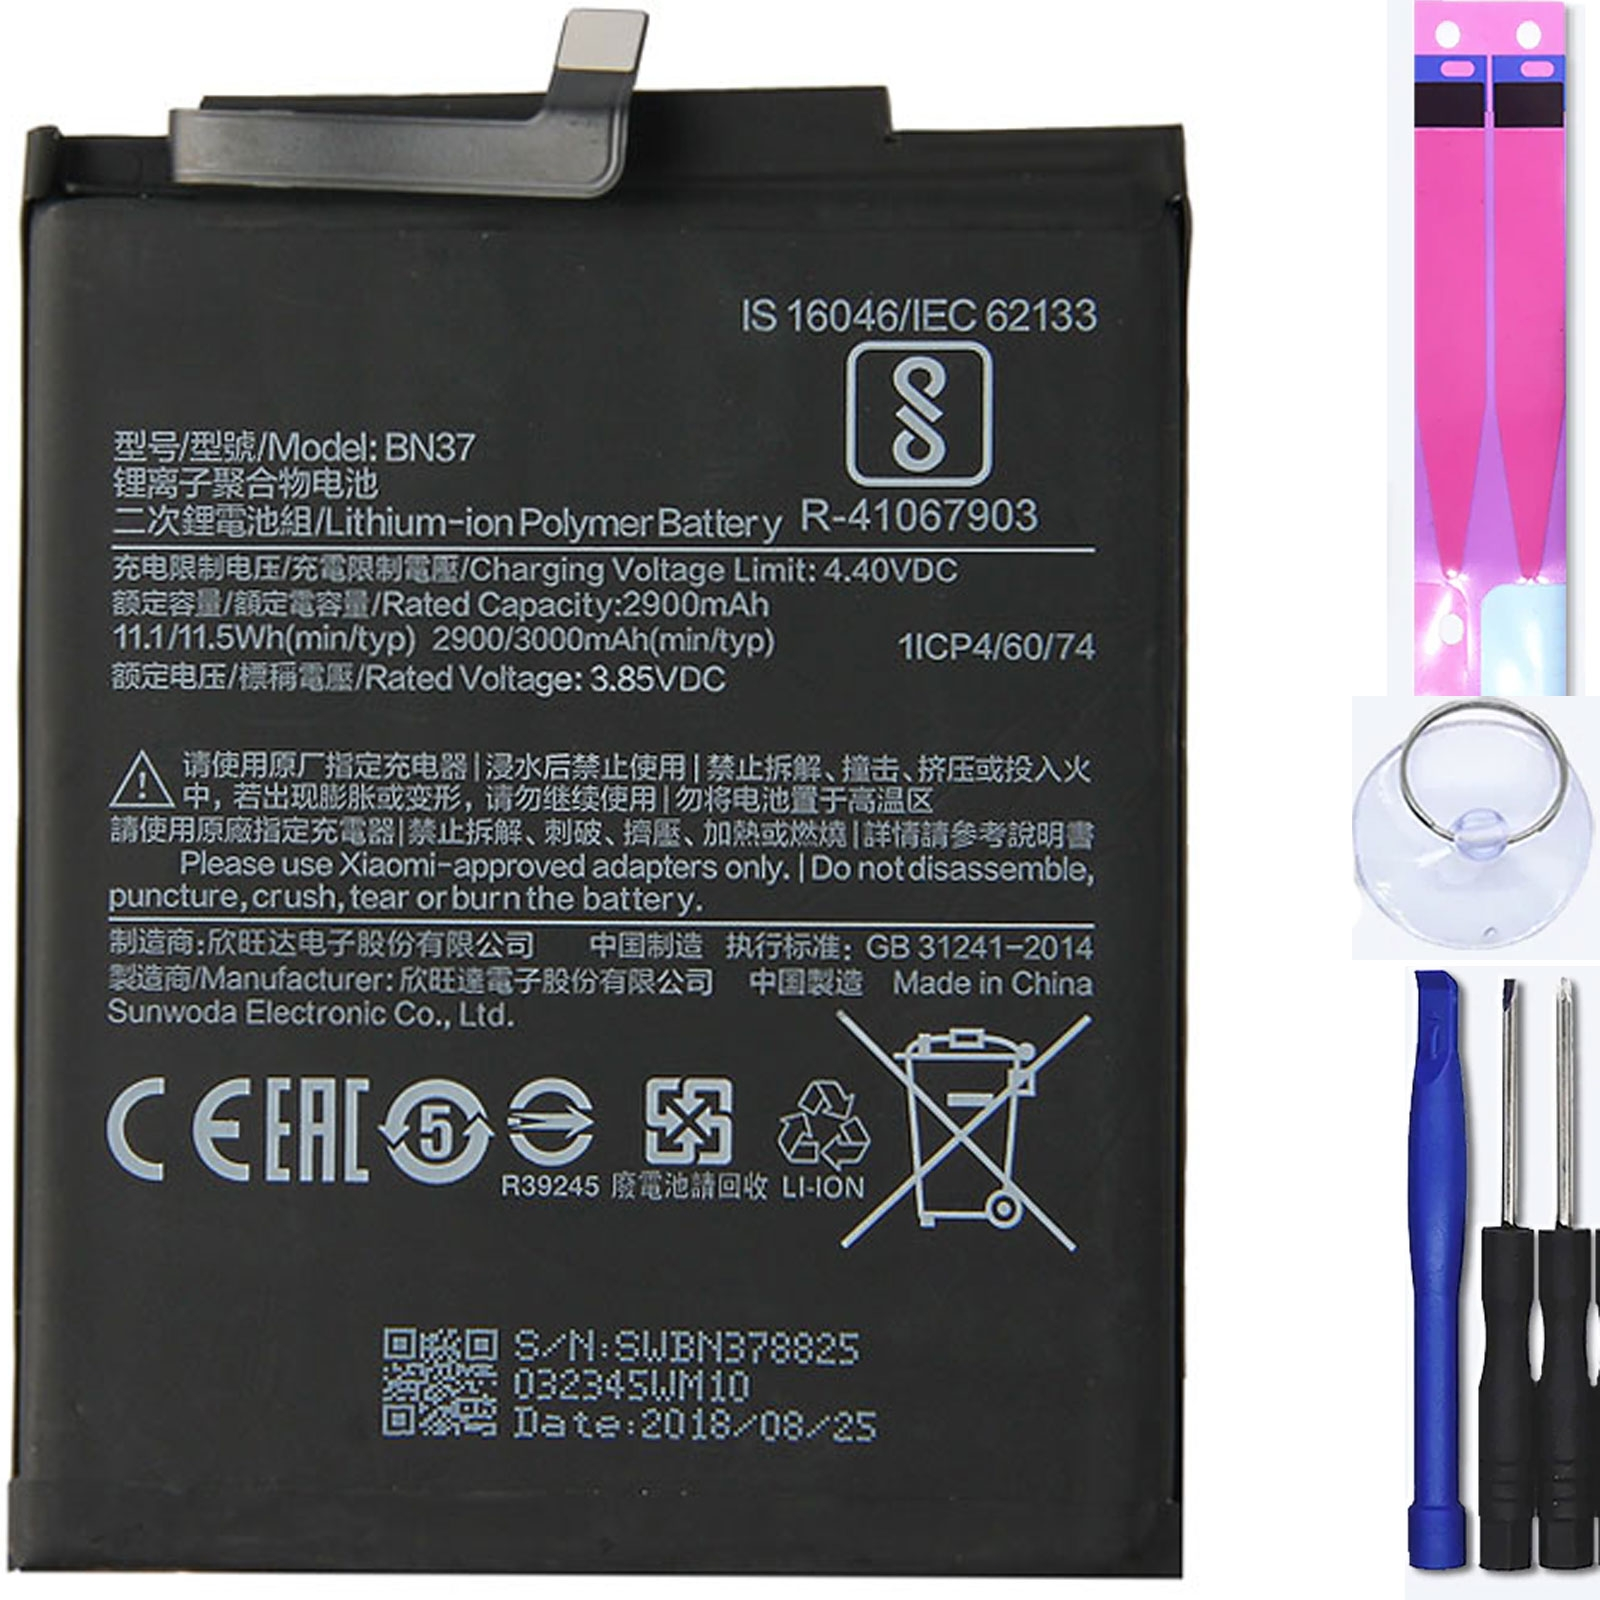 Аккумулятор для Xiaomi Redmi 6, Redmi 6A, Mpn Оригинал: Bn37|Аккумуляторы для мобильных телефонов|   | АлиЭкспресс